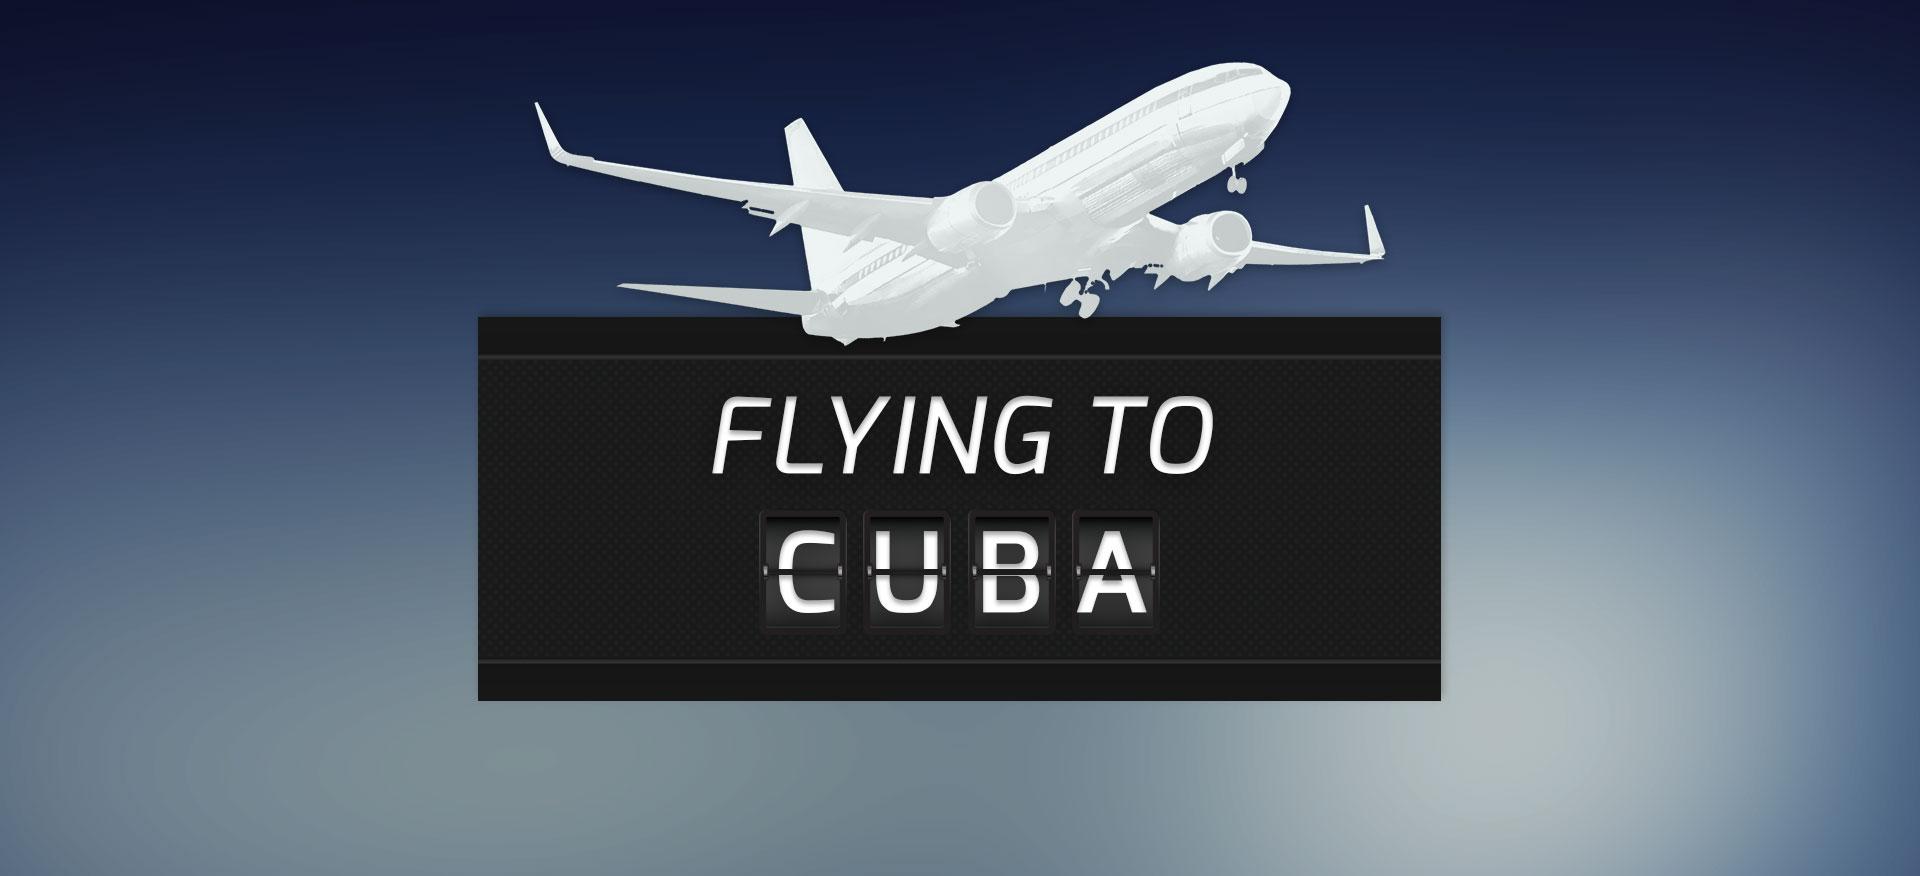 Resultado de imagen para flight Cuba